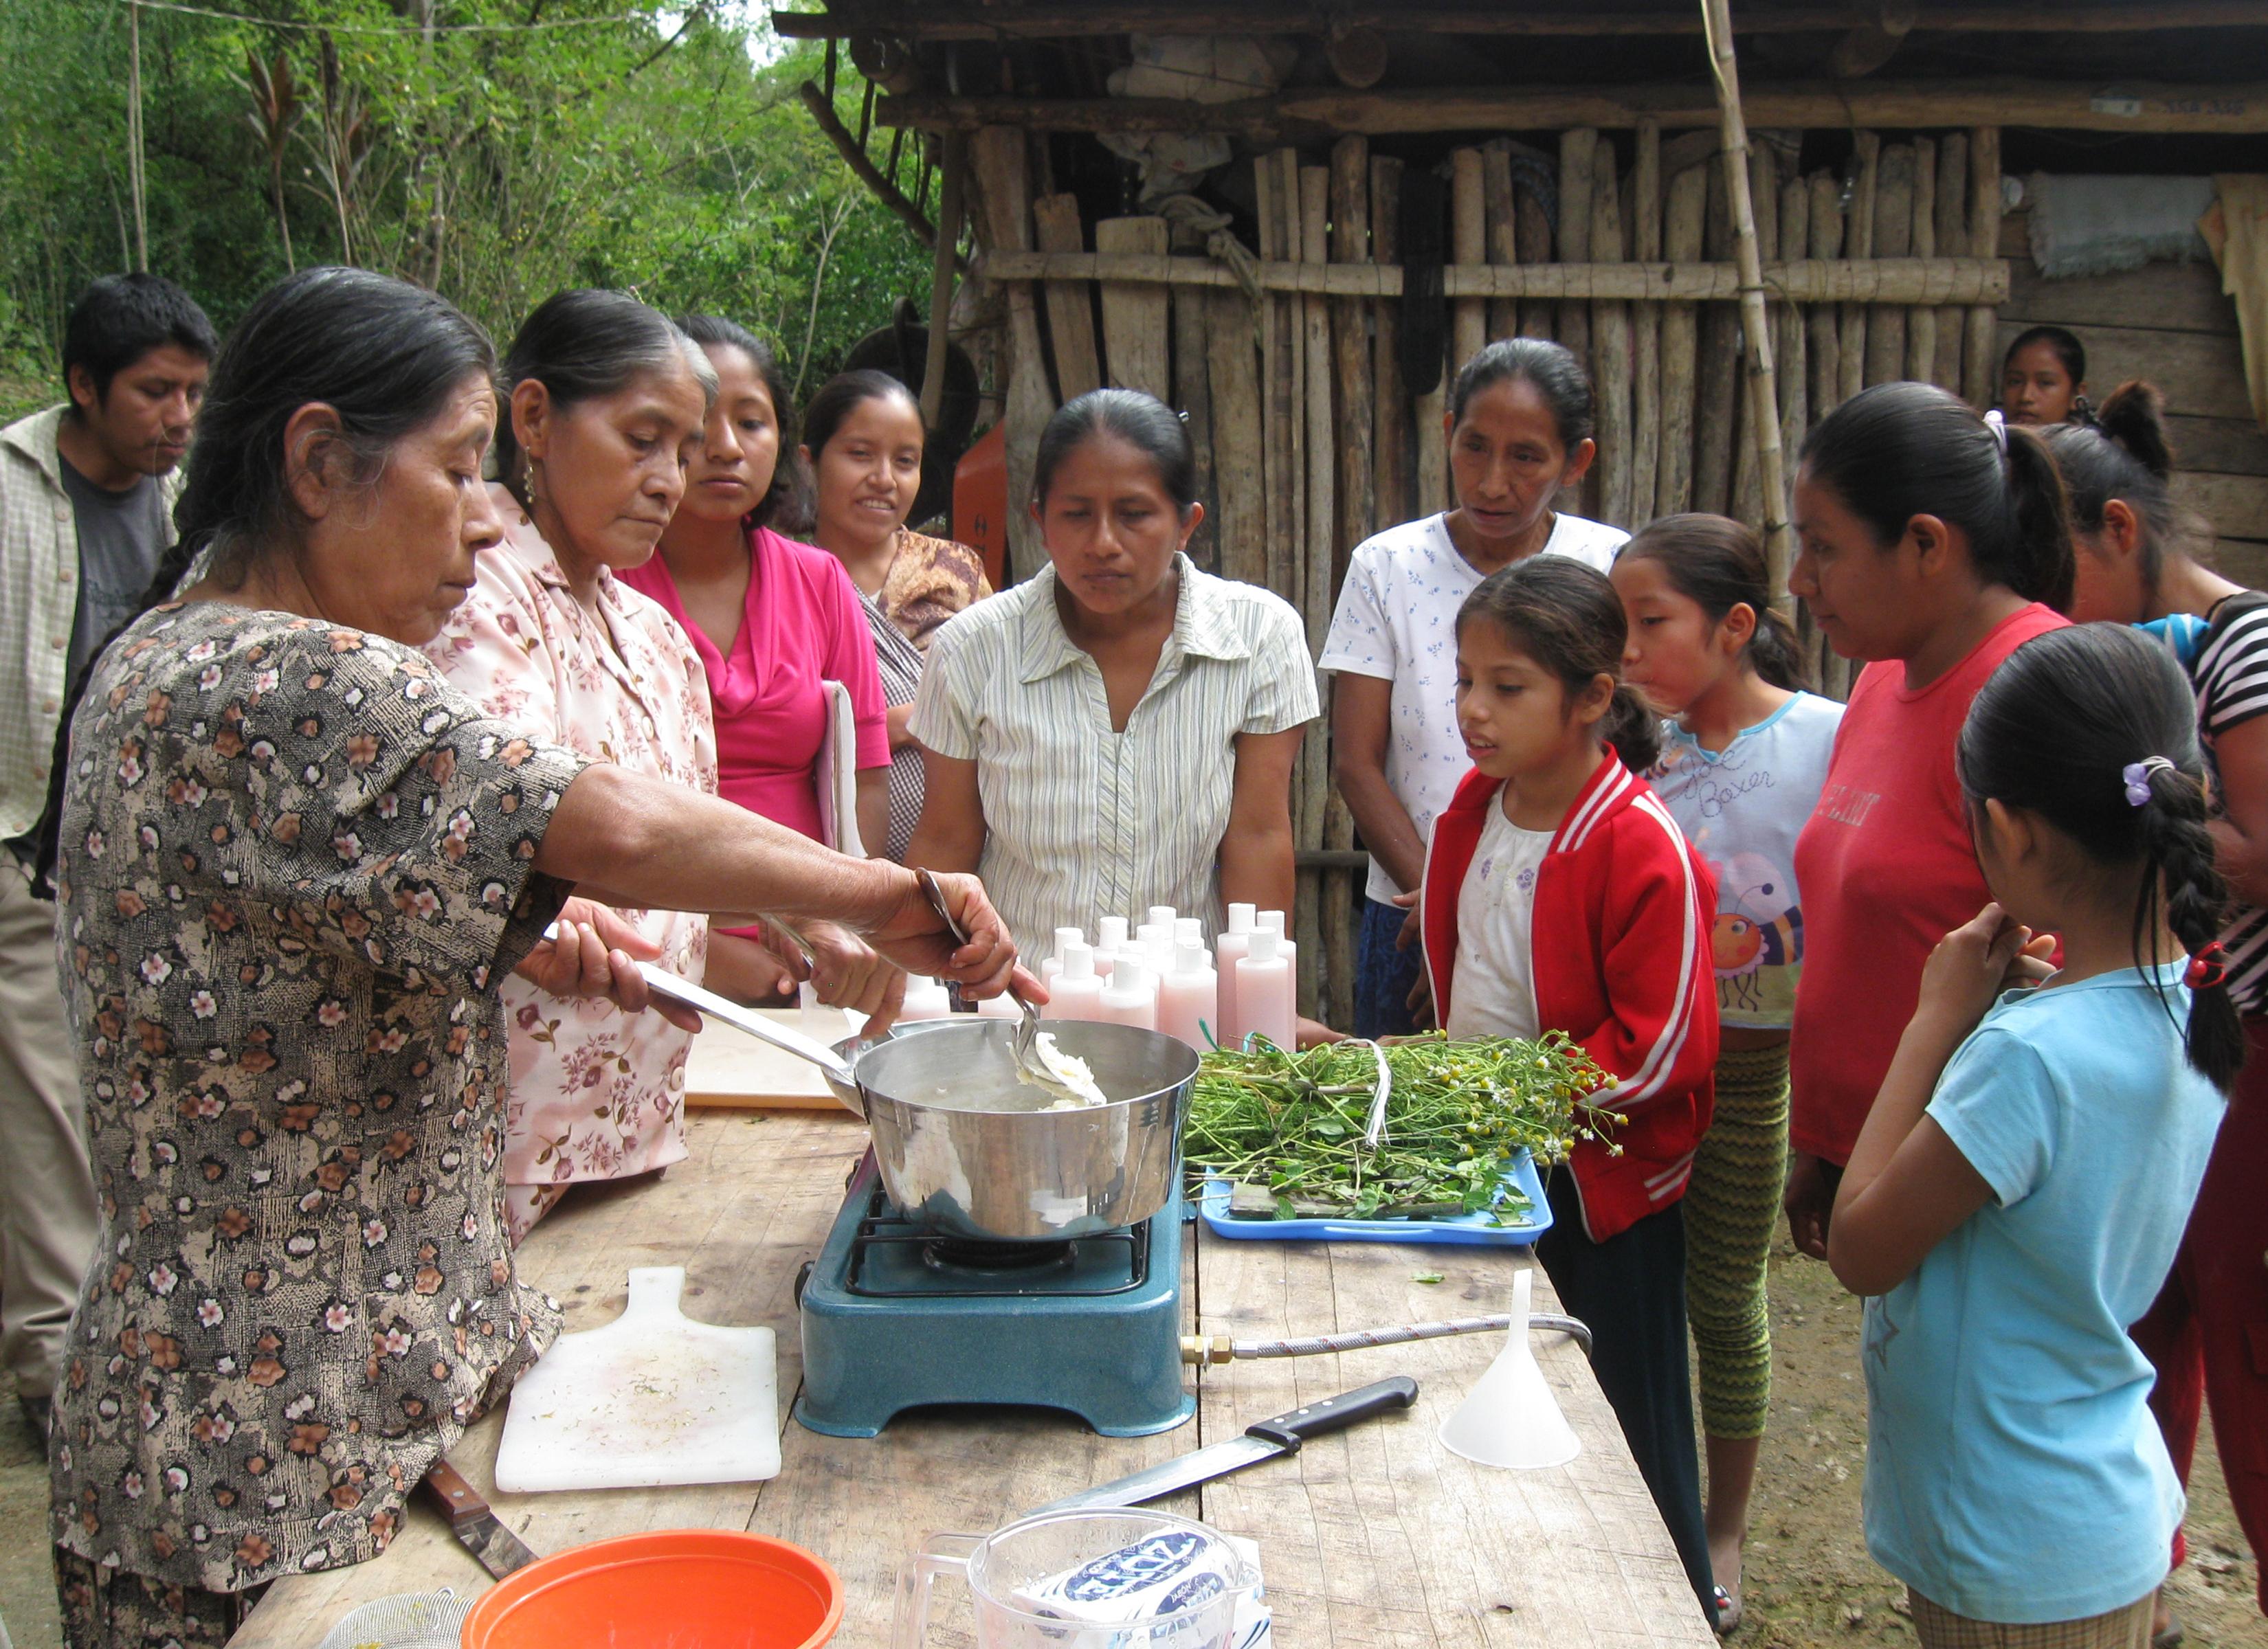 Servicio Desarrollo y Paz Huasteca Potosina A.C (2)